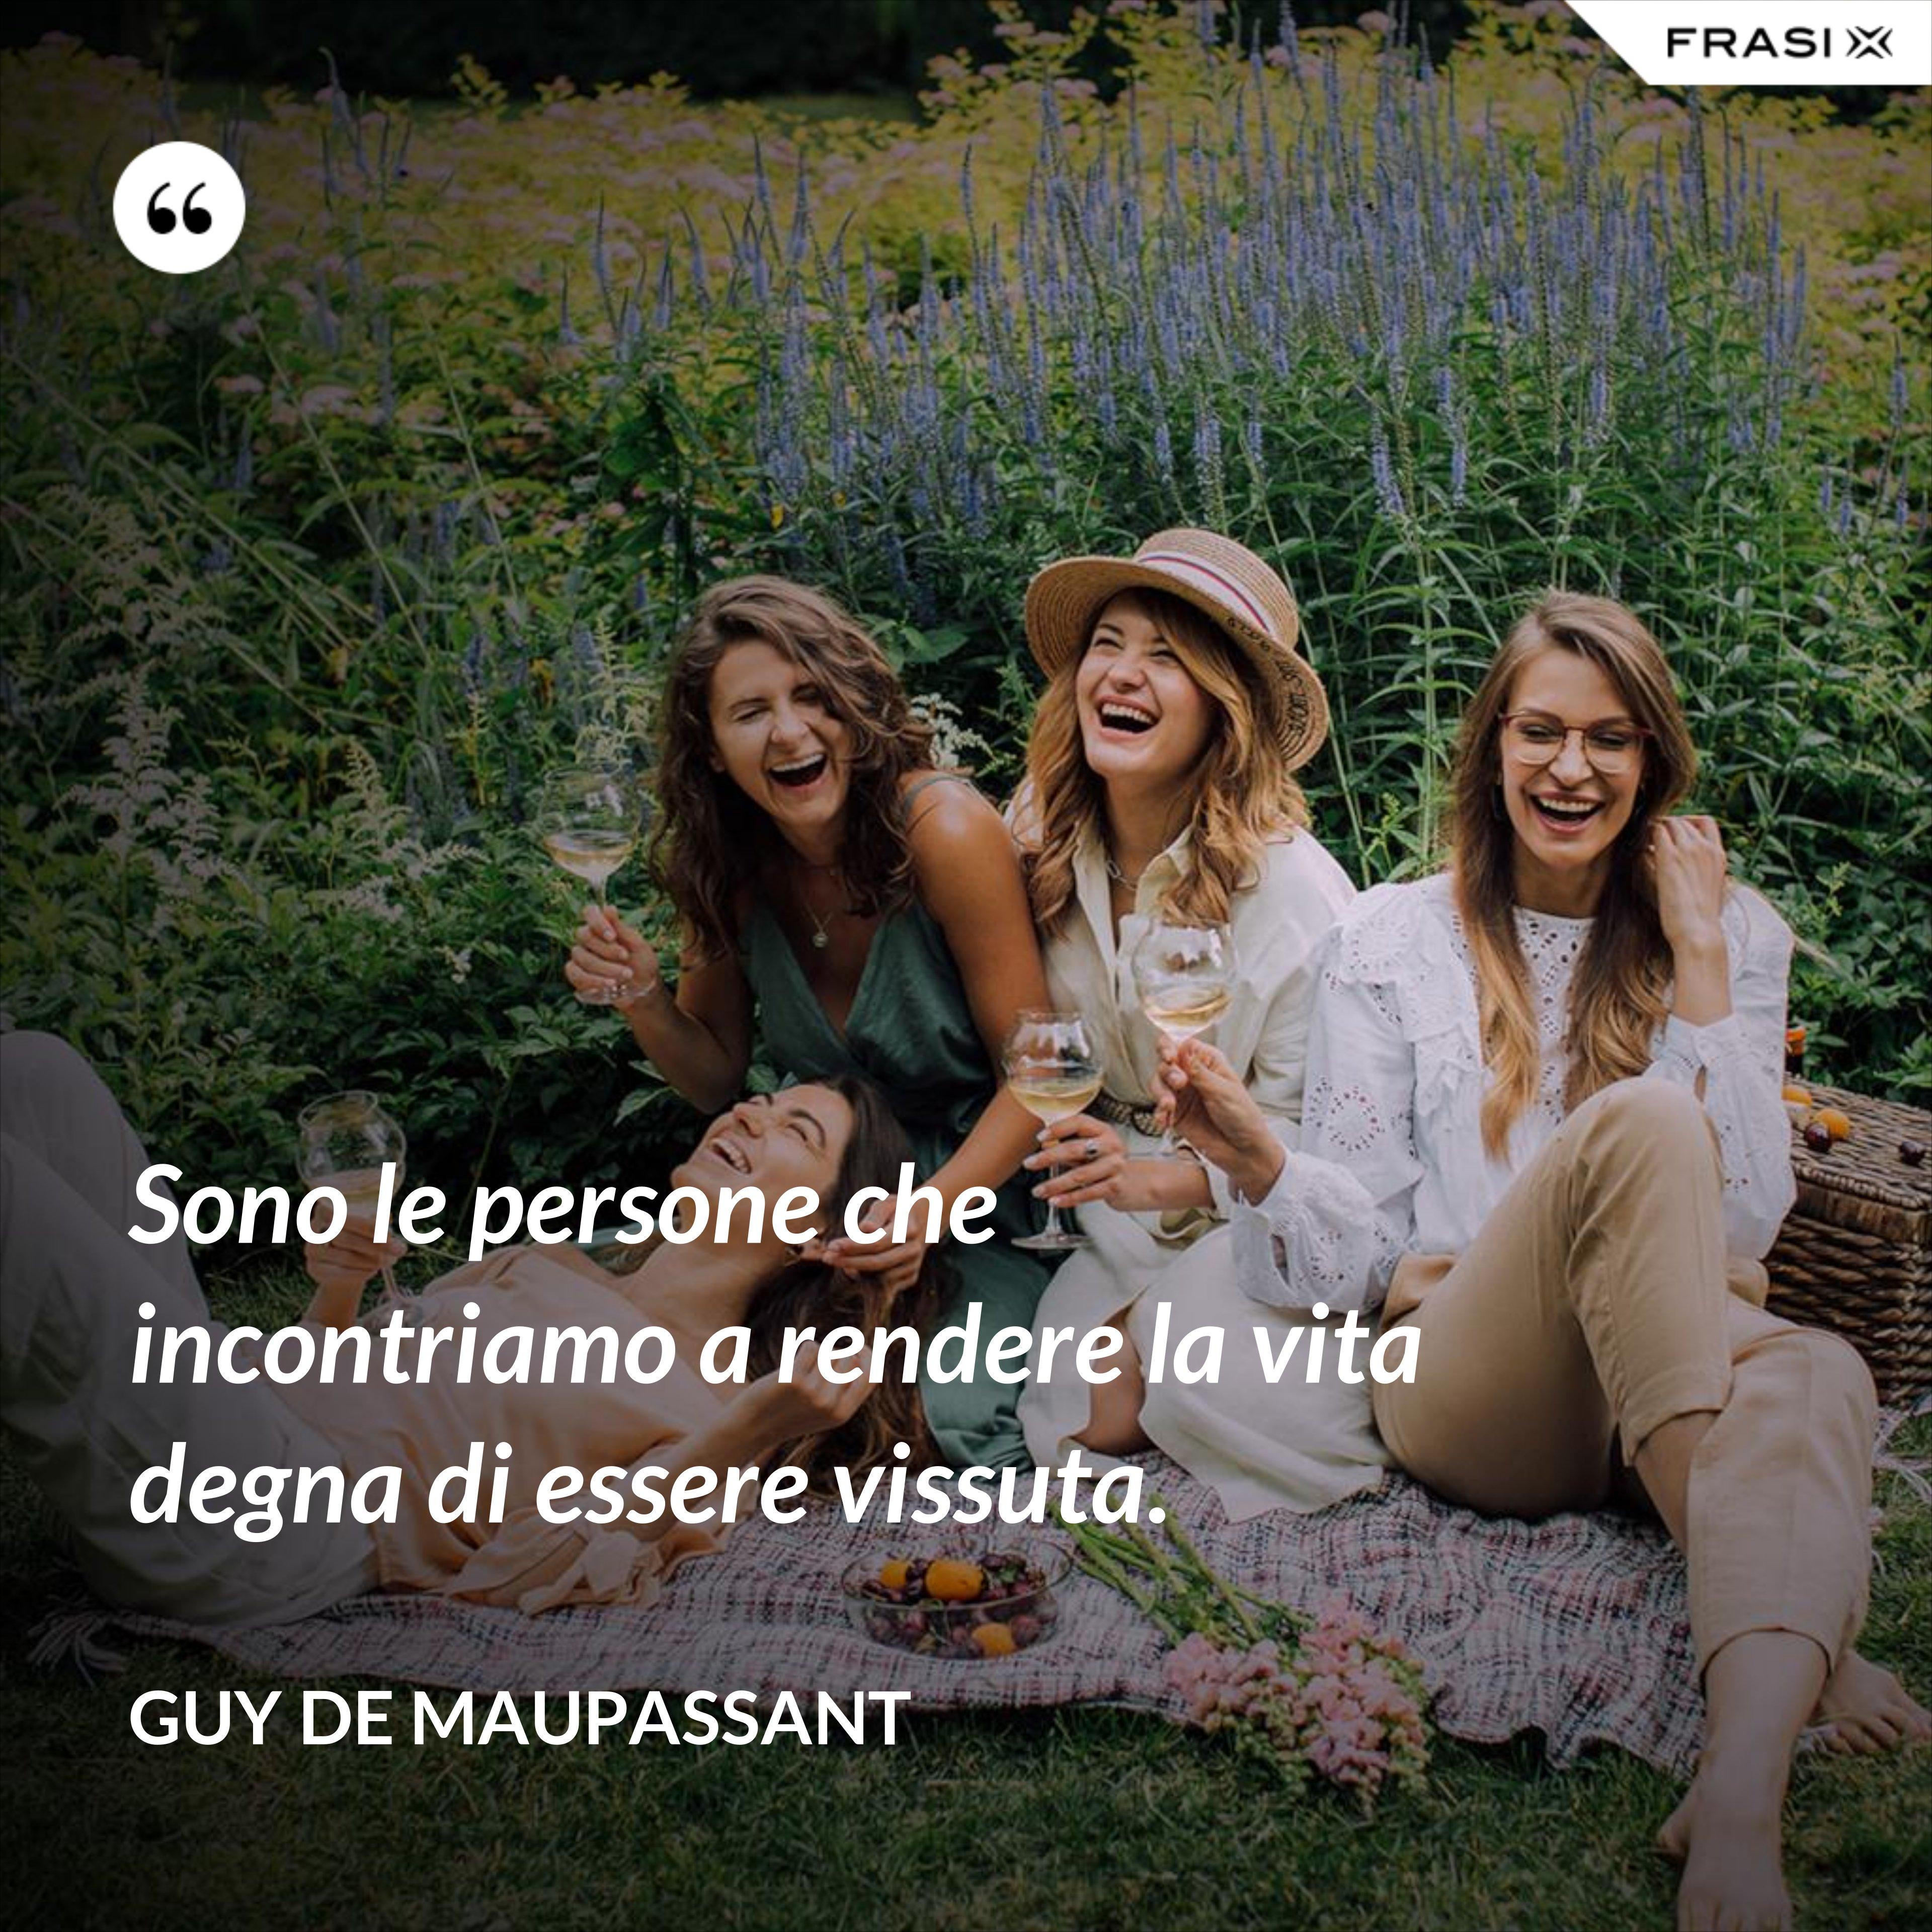 Sono le persone che incontriamo a rendere la vita degna di essere vissuta. - Guy de Maupassant